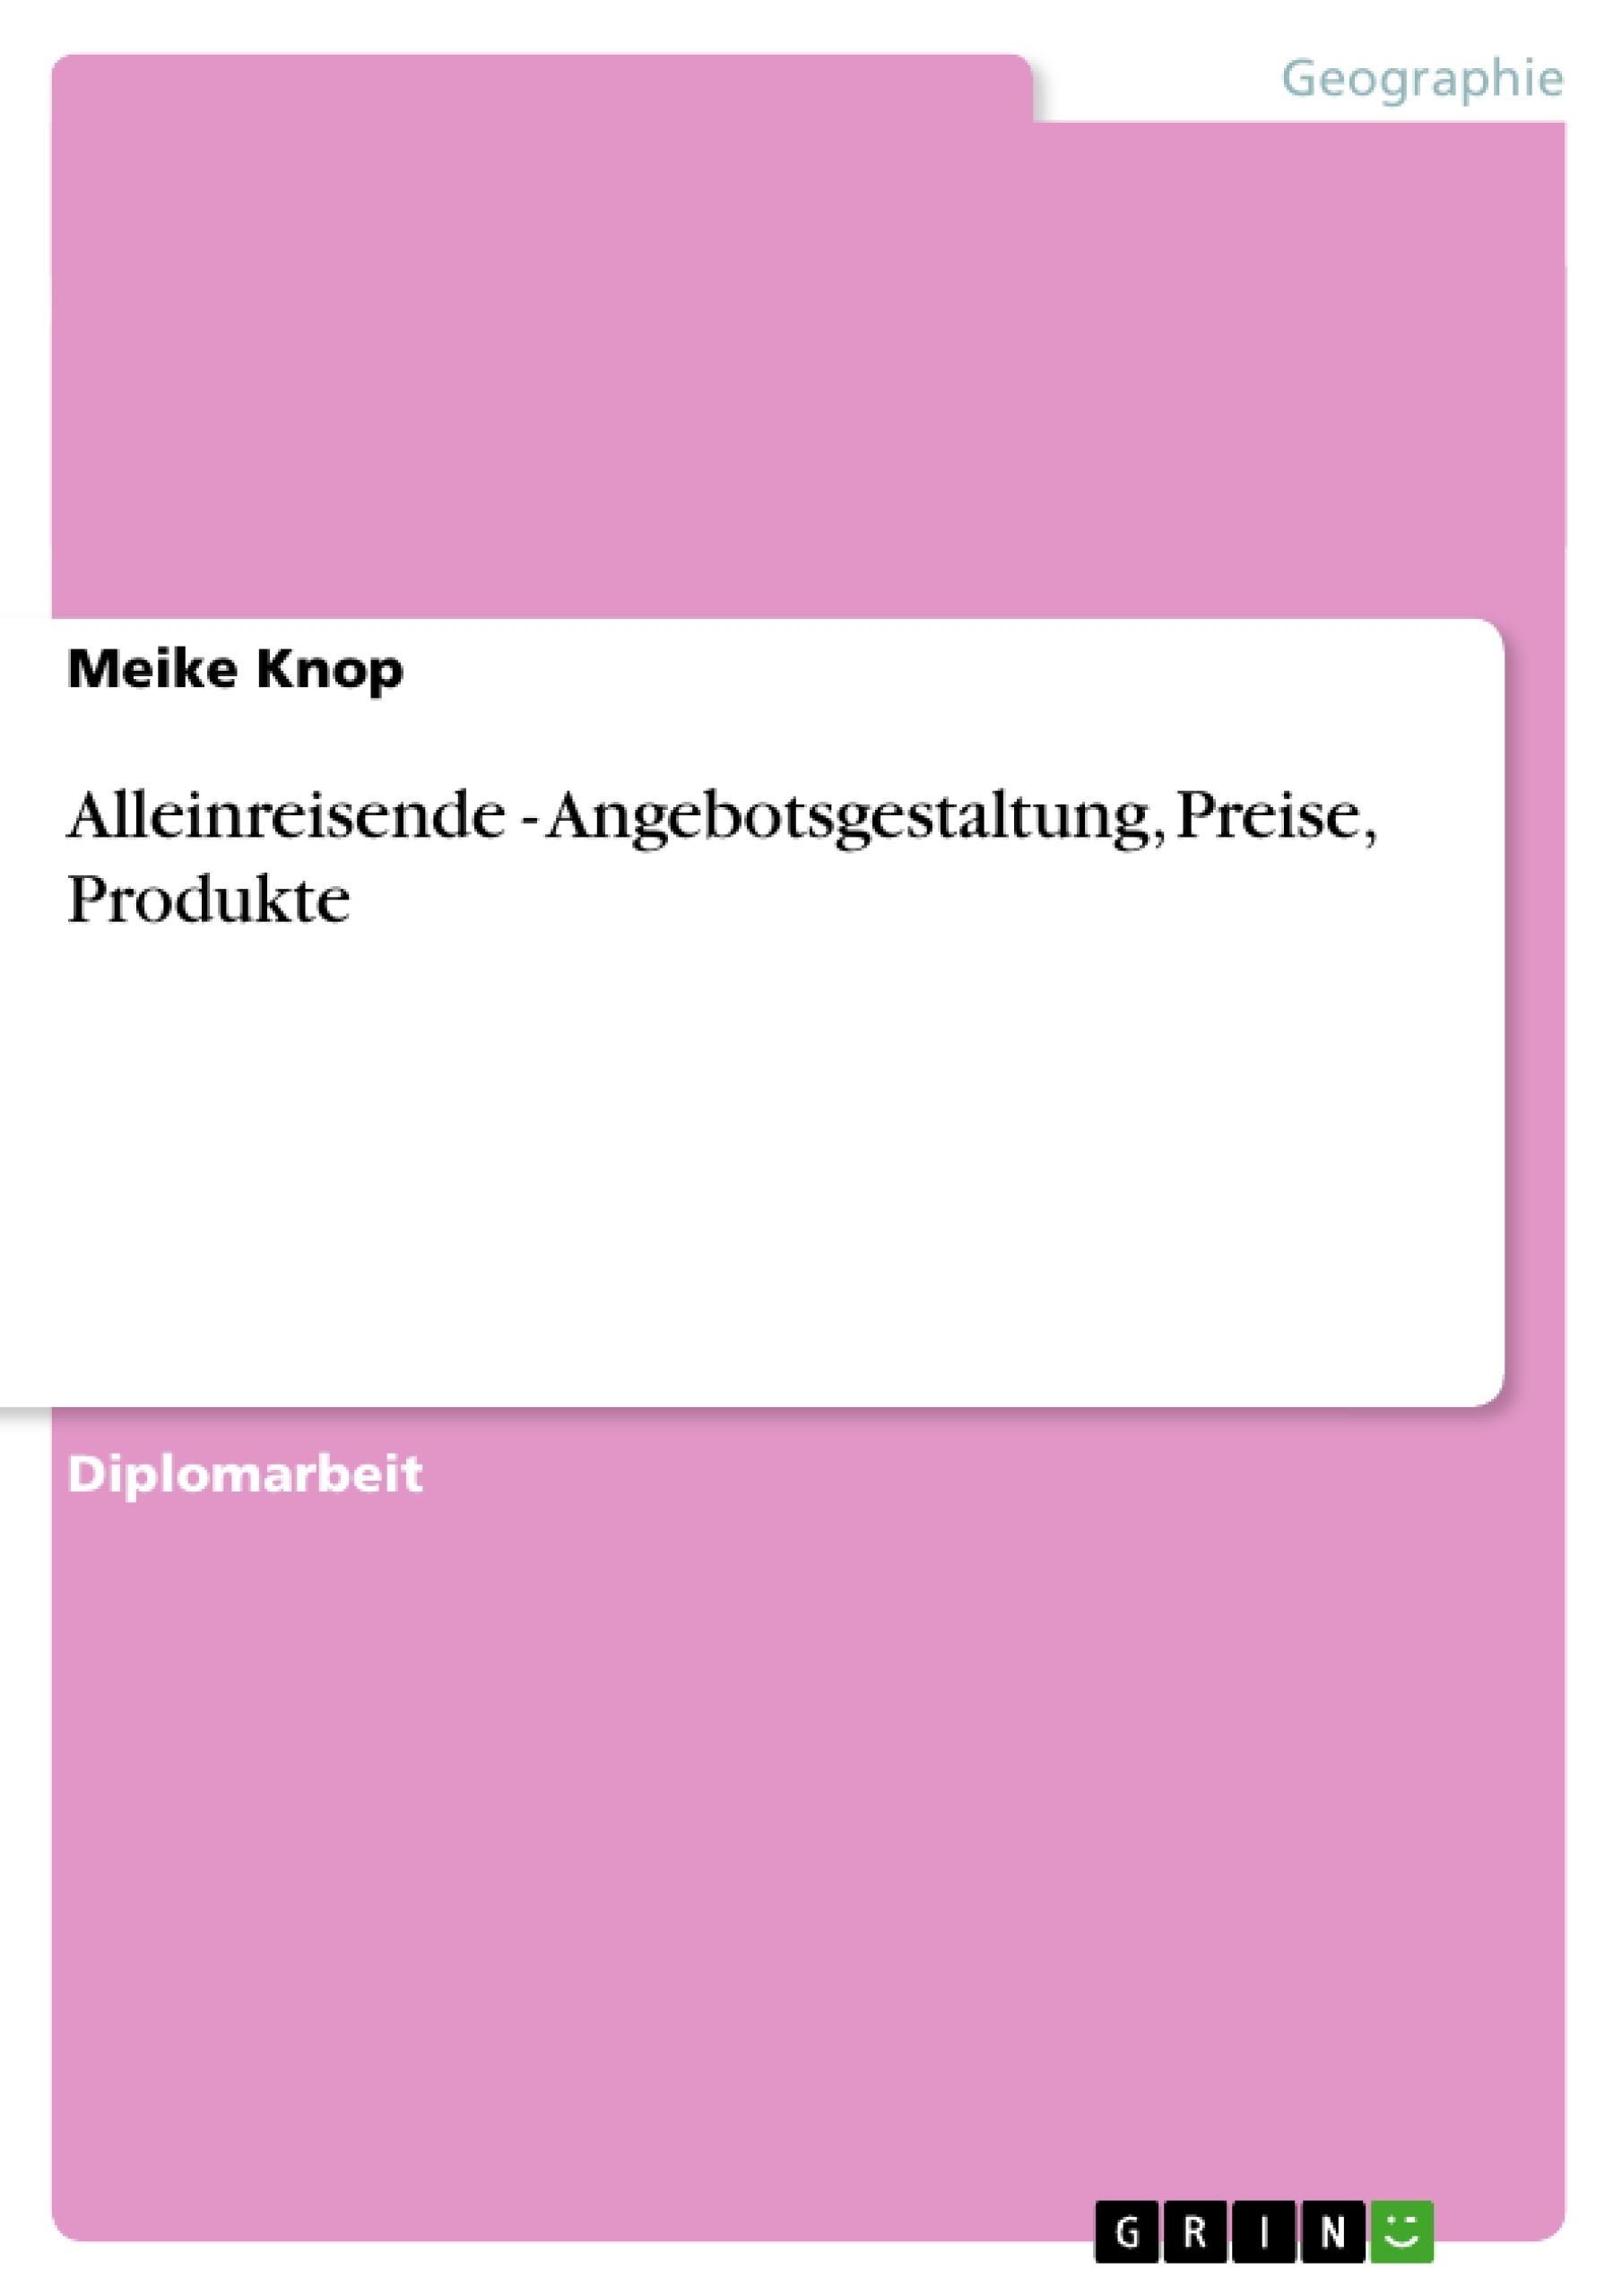 Titel: Alleinreisende - Angebotsgestaltung, Preise, Produkte